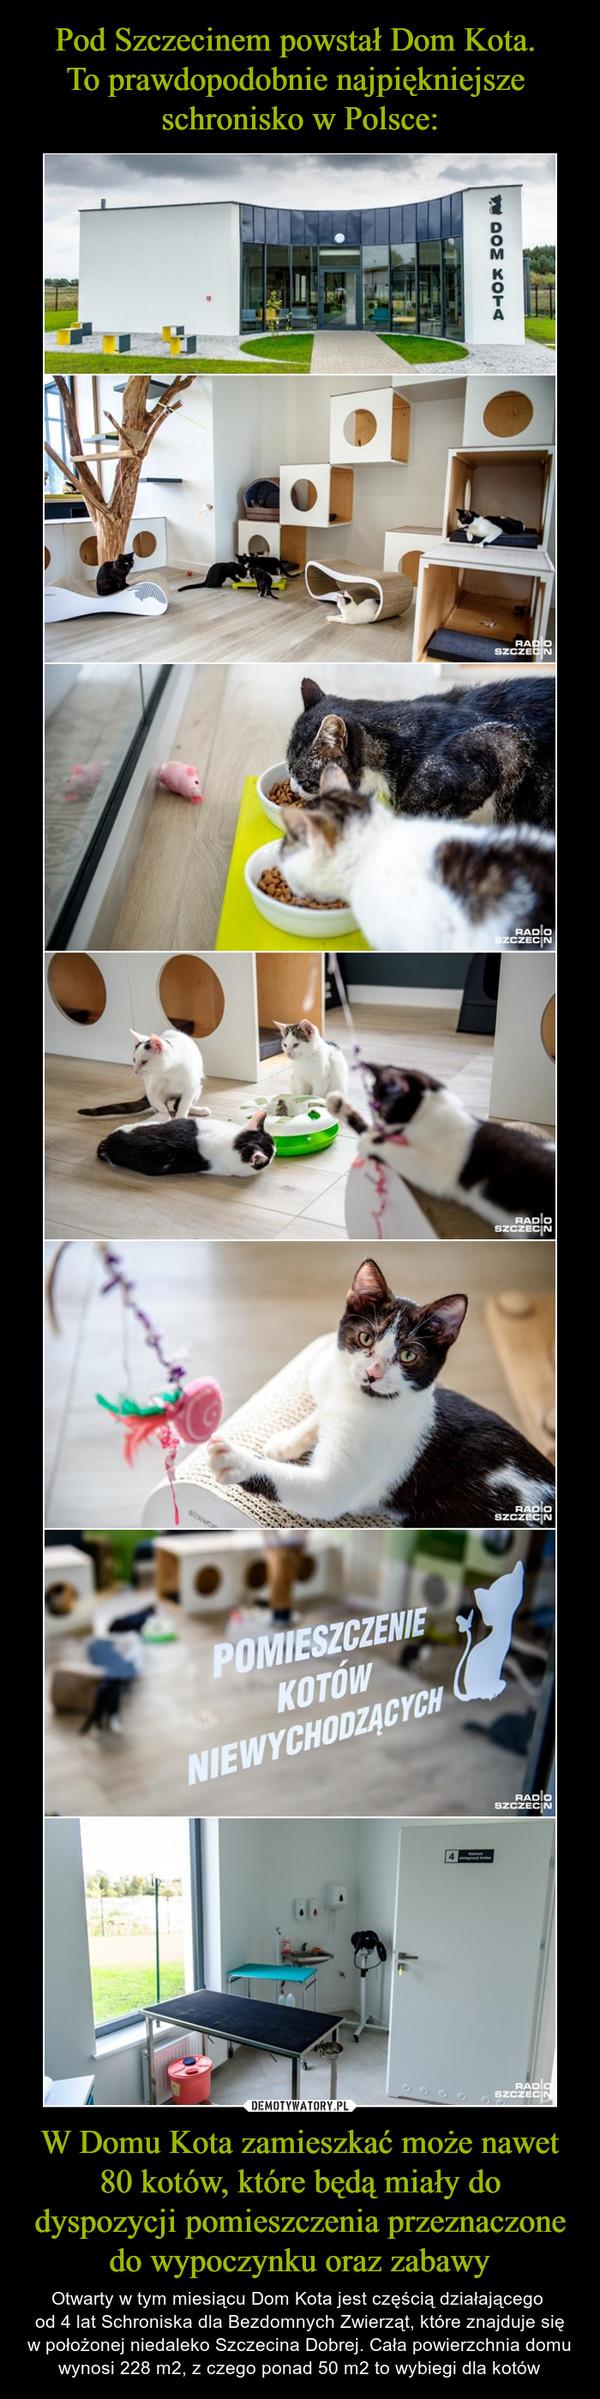 W Domu Kota zamieszkać może nawet 80 kotów, które będą miały do dyspozycji pomieszczenia przeznaczone do wypoczynku oraz zabawy – Otwarty w tym miesiącu Dom Kota jest częścią działającego od 4 lat Schroniska dla Bezdomnych Zwierząt, które znajduje się w położonej niedaleko Szczecina Dobrej. Cała powierzchnia domu wynosi 228 m2, z czego ponad 50 m2 to wybiegi dla kotów